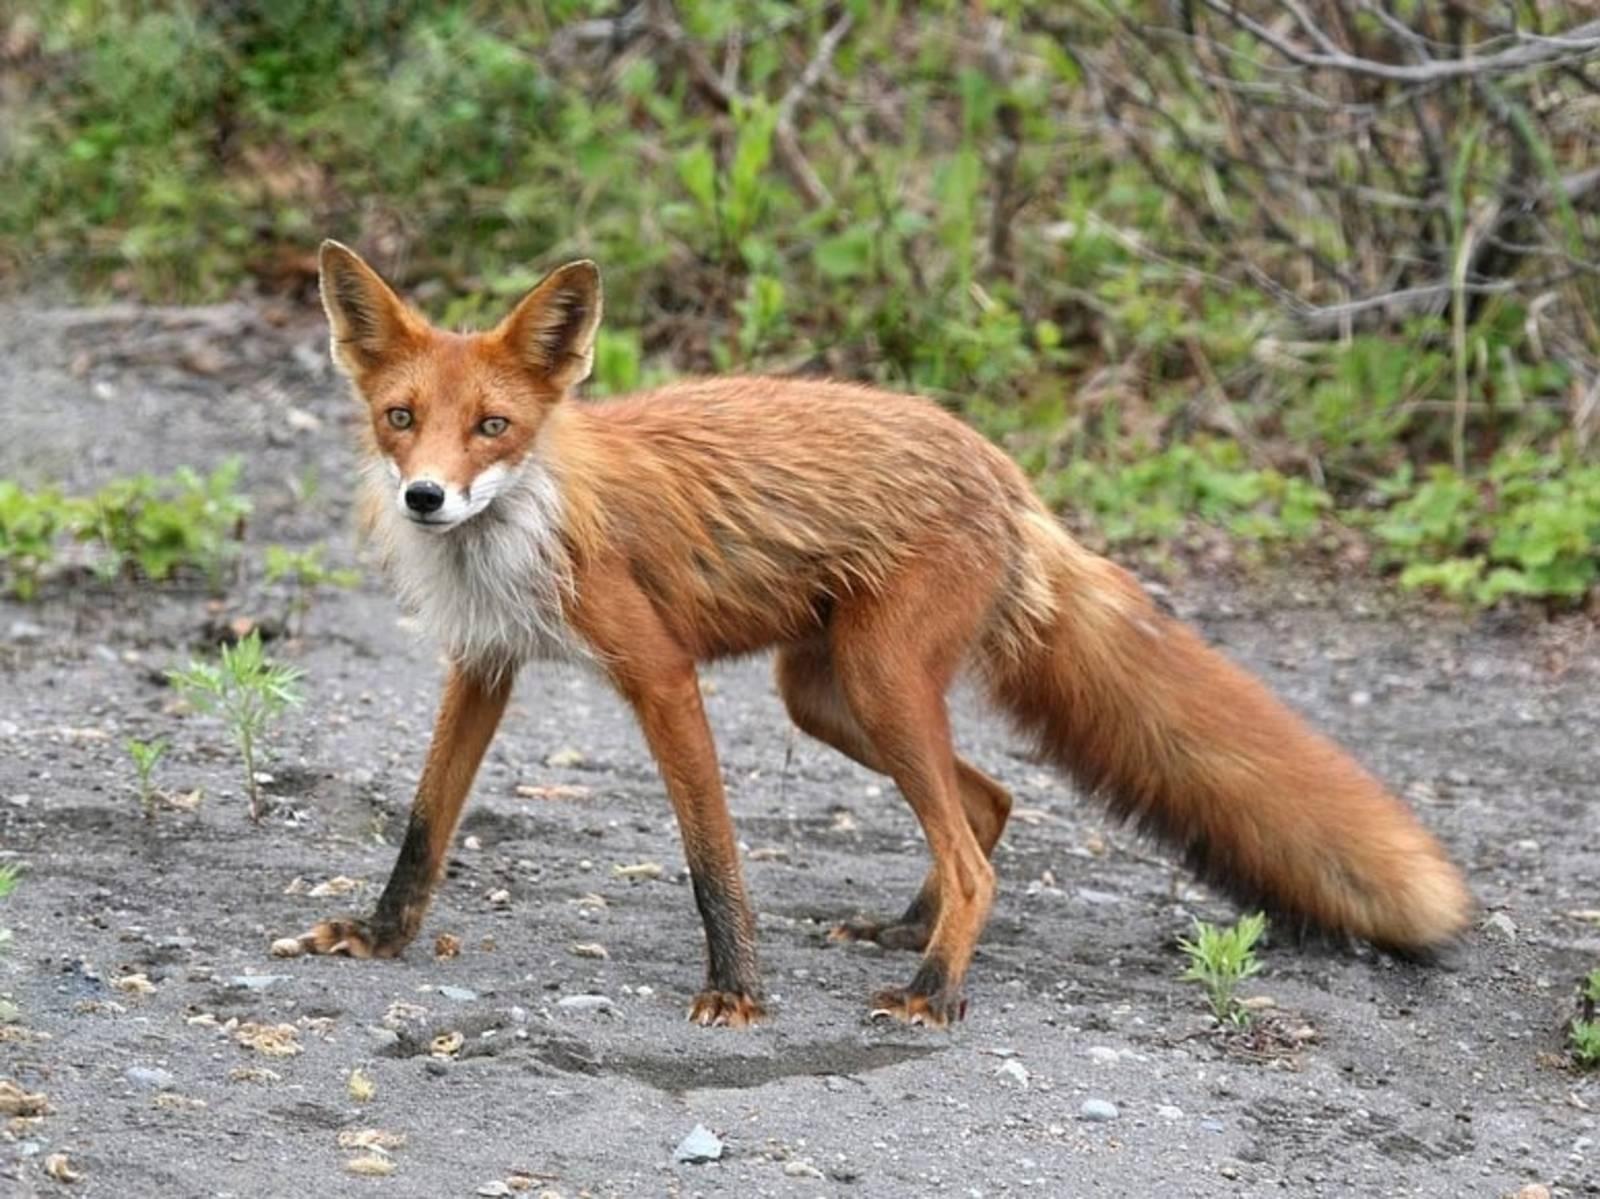 Fuchs auf einer Straße.